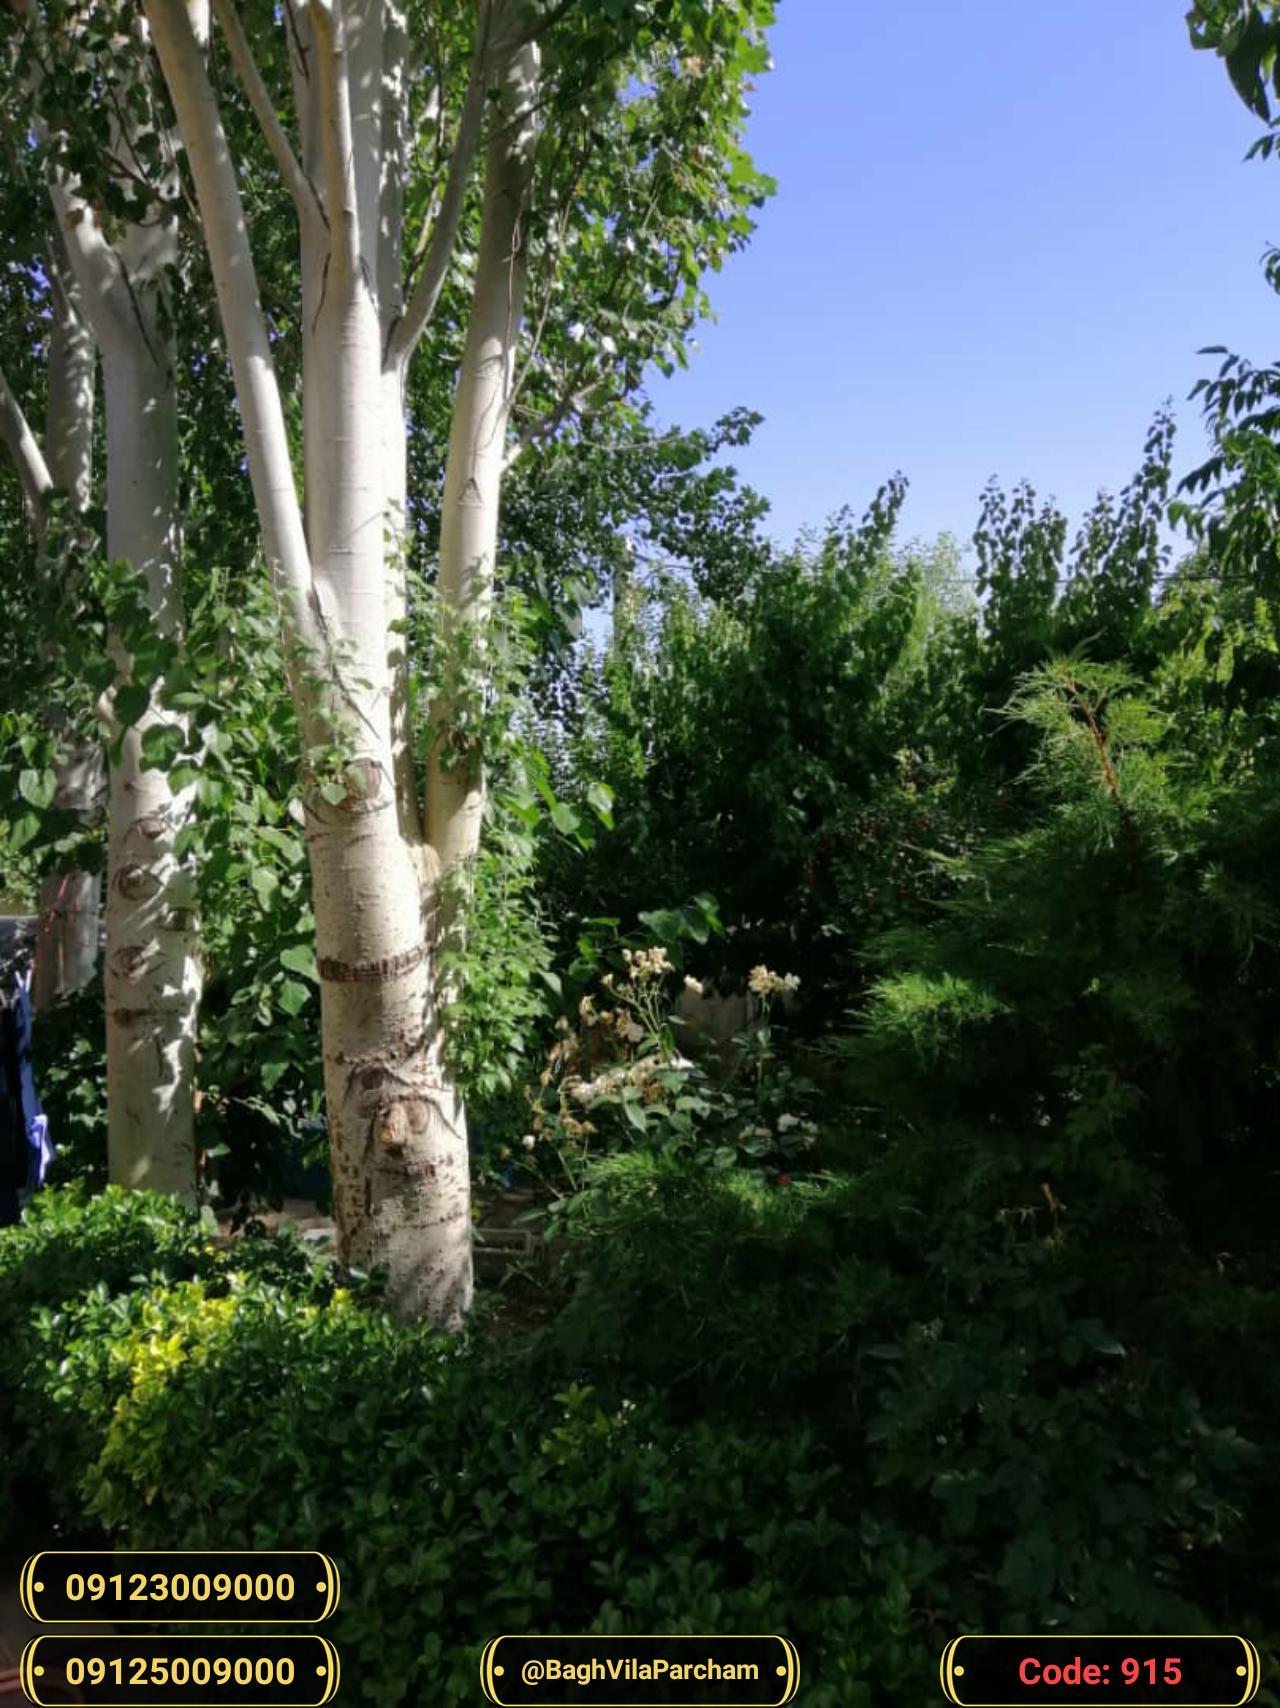 تصویر عکس باغ ویلا شماره 17 از ویلای ۵۶۵۰ متر ویلا کلاسیک تریبلکس Picture photo image 17 of ۵۶۵۰ متر ویلا کلاسیک تریبلکس